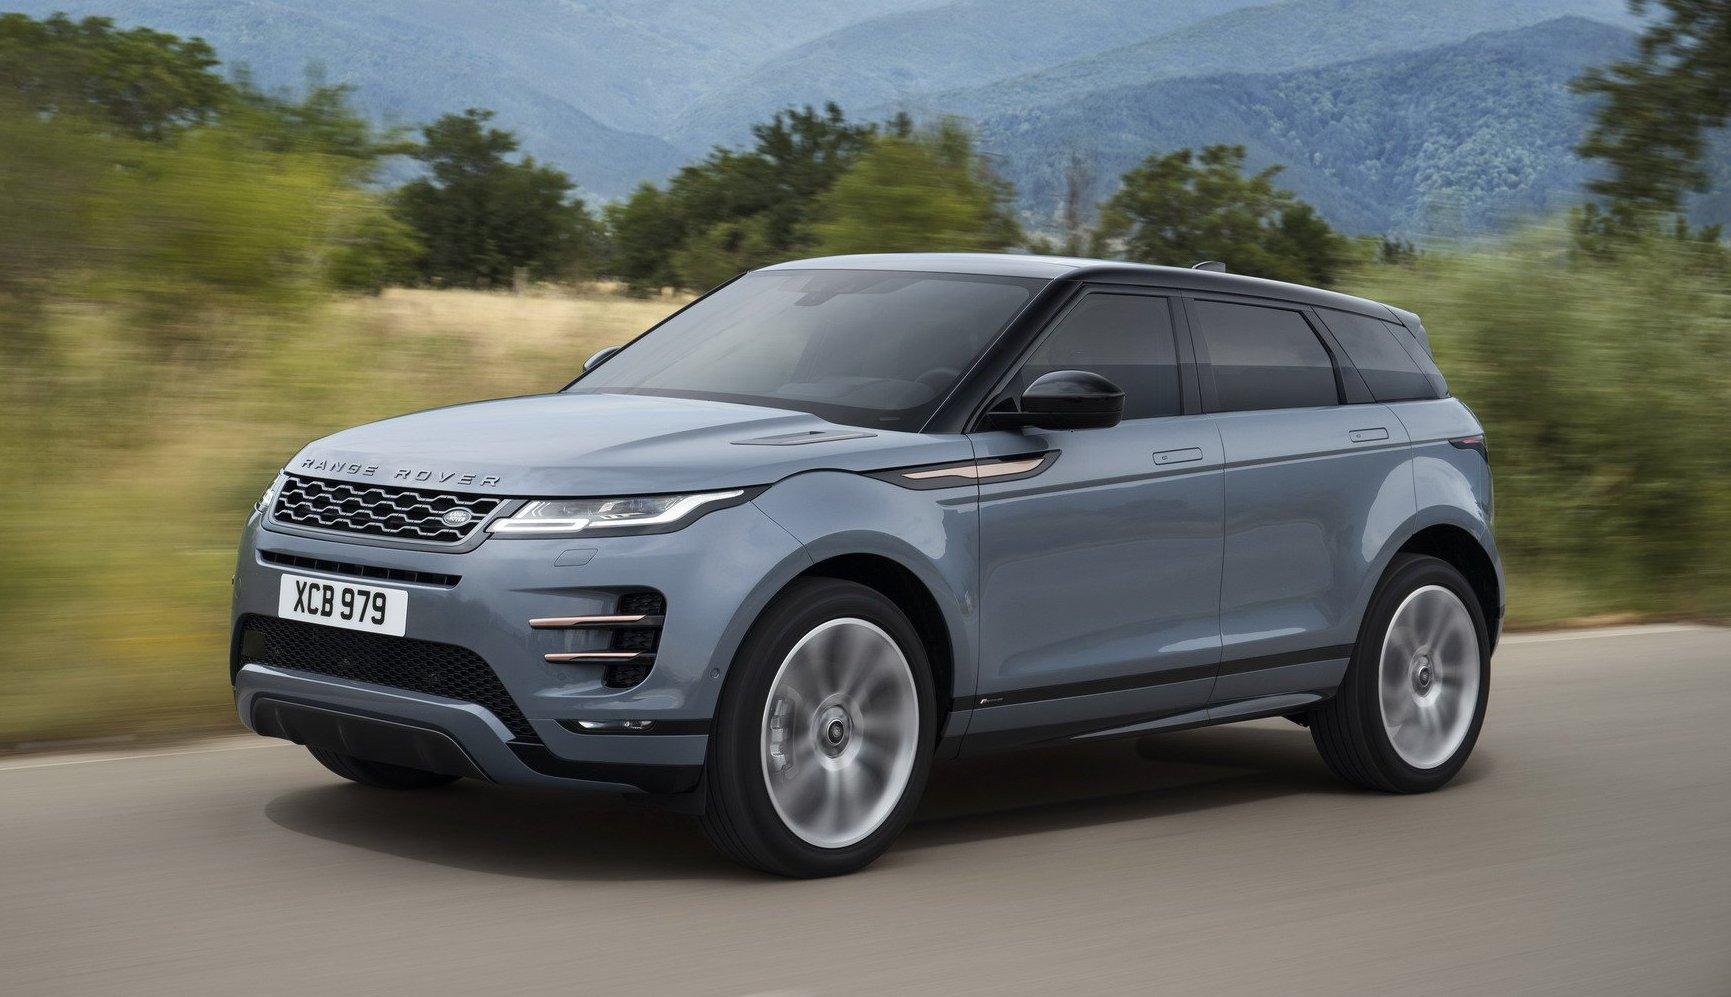 2020 Range Rover Evoque Front look